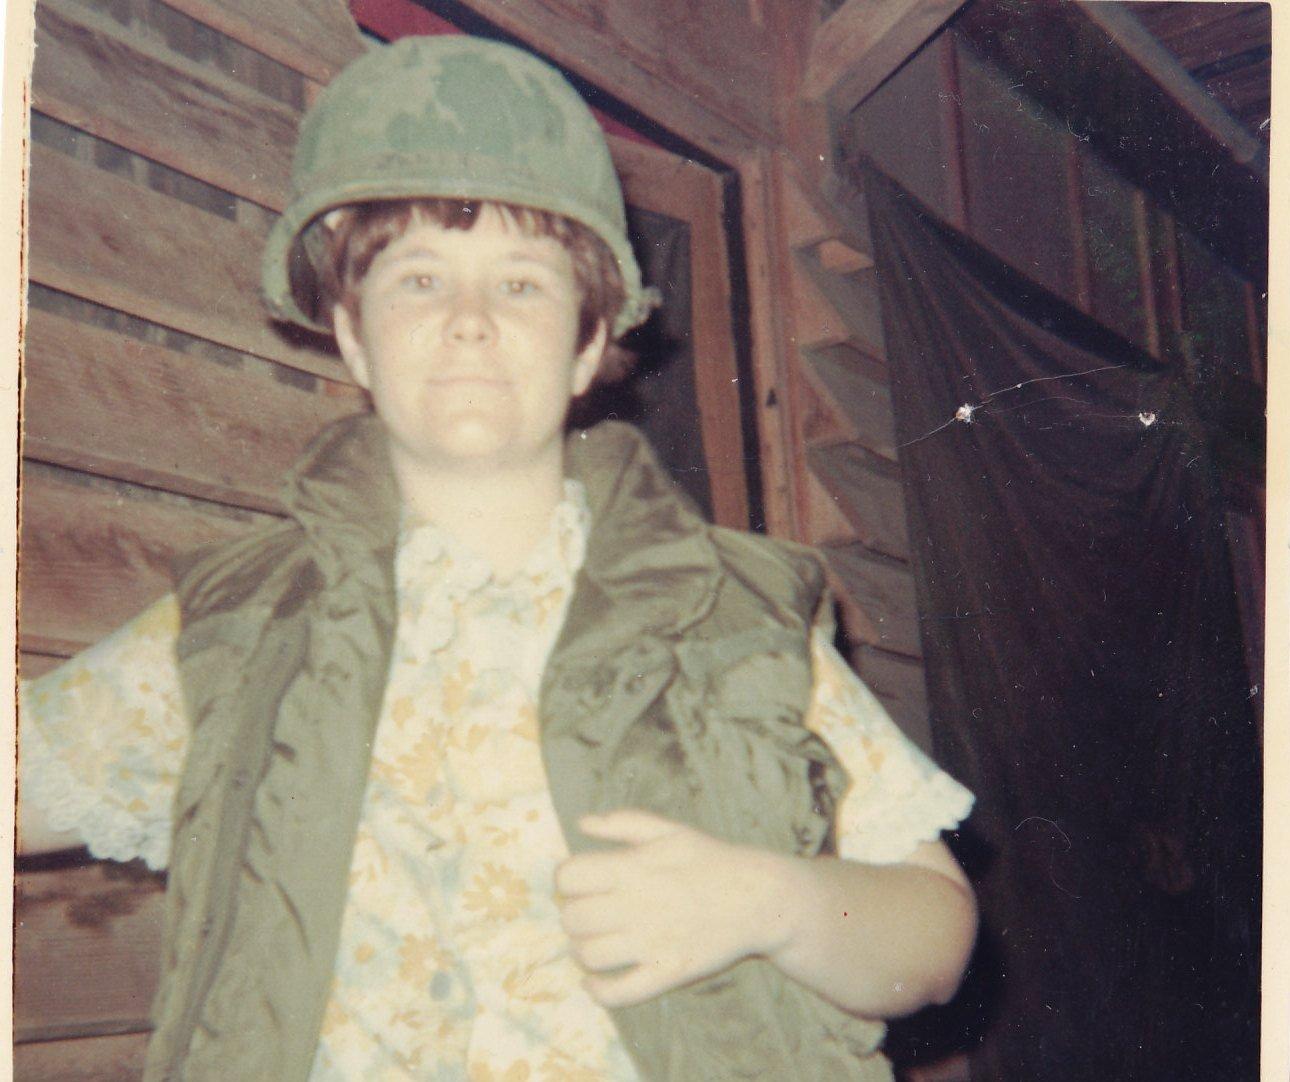 95th Evac, Marian Weller, 1969